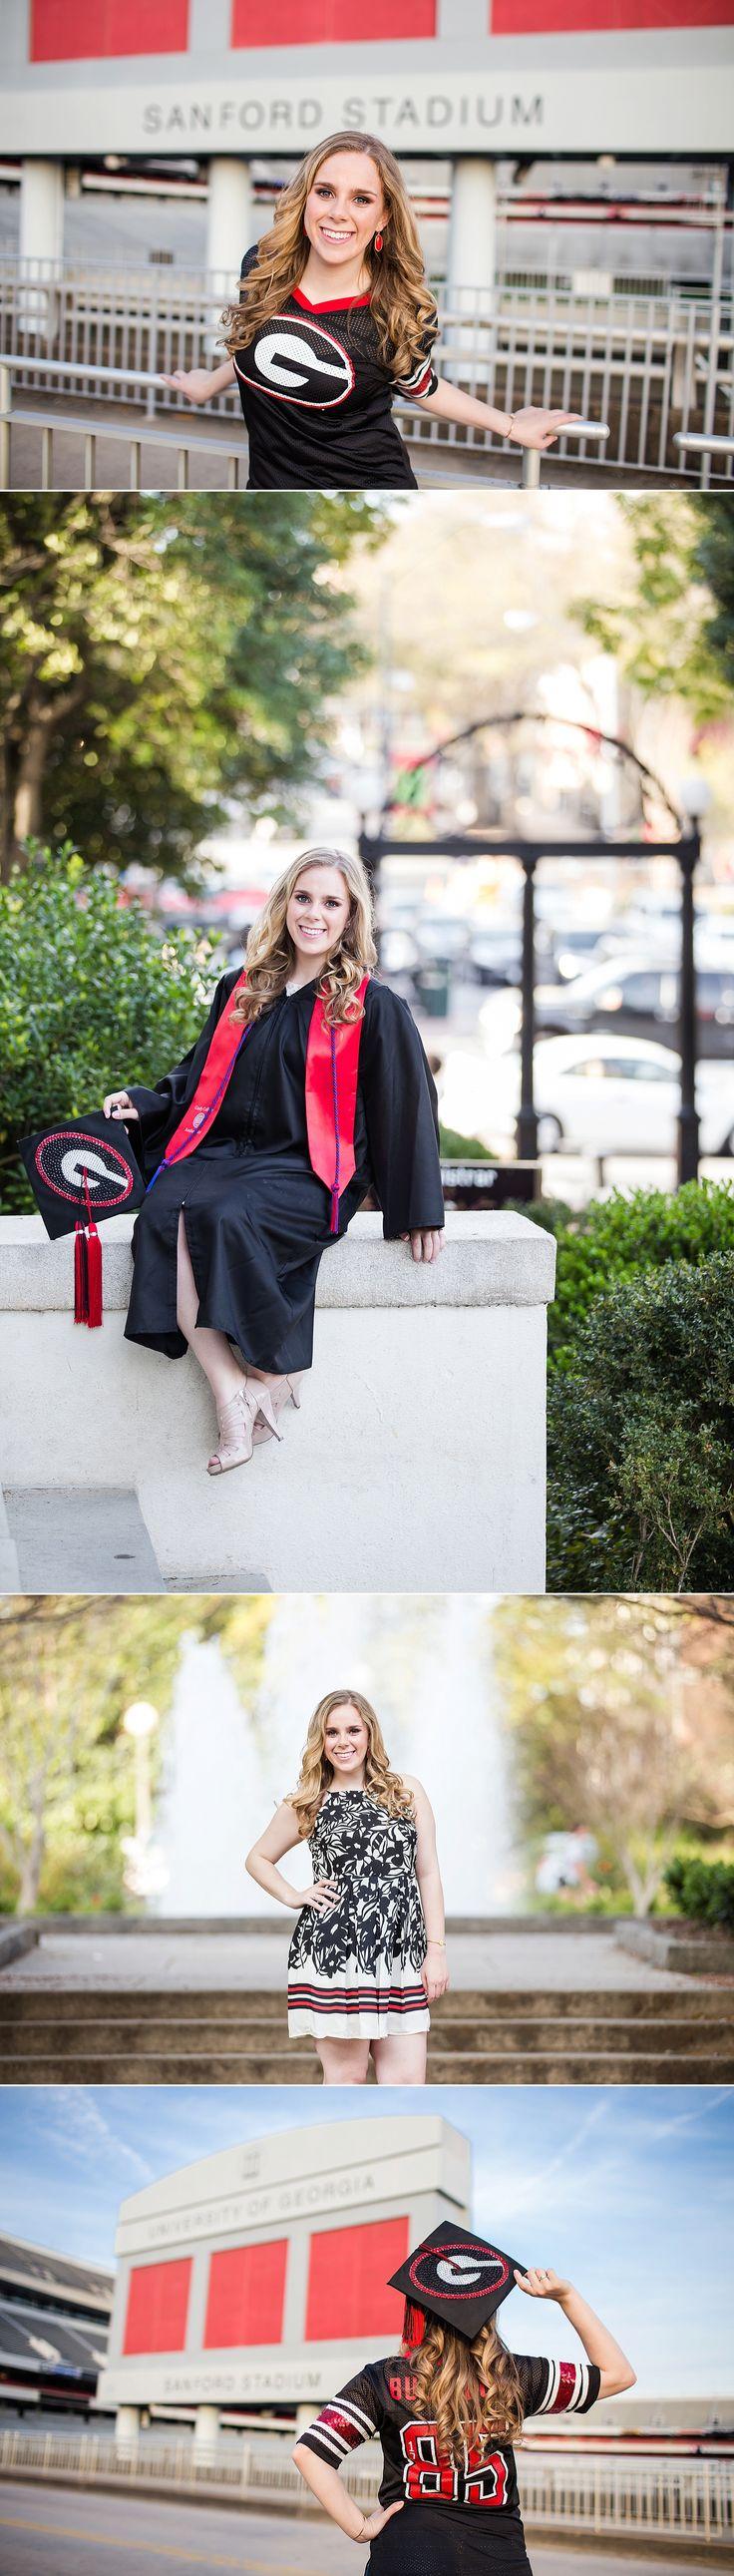 85 best graduation announcements images on Pinterest | Senior ...